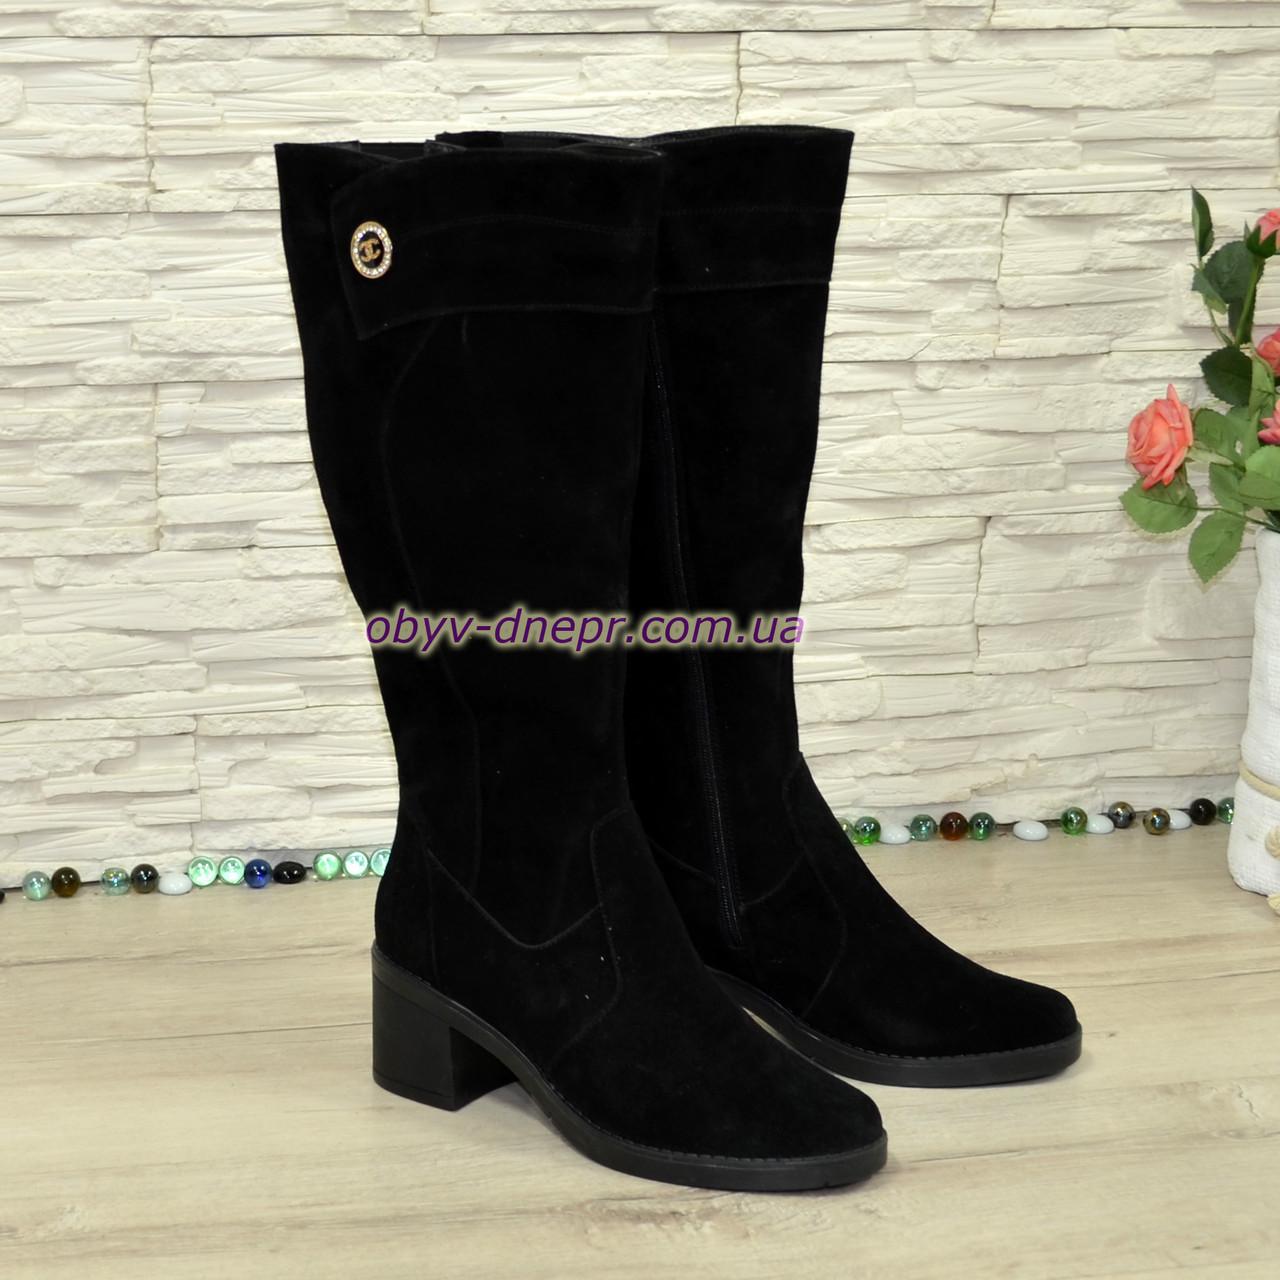 90b47bd97b1b Женские зимние черные замшевые сапоги на устойчивом каблуке